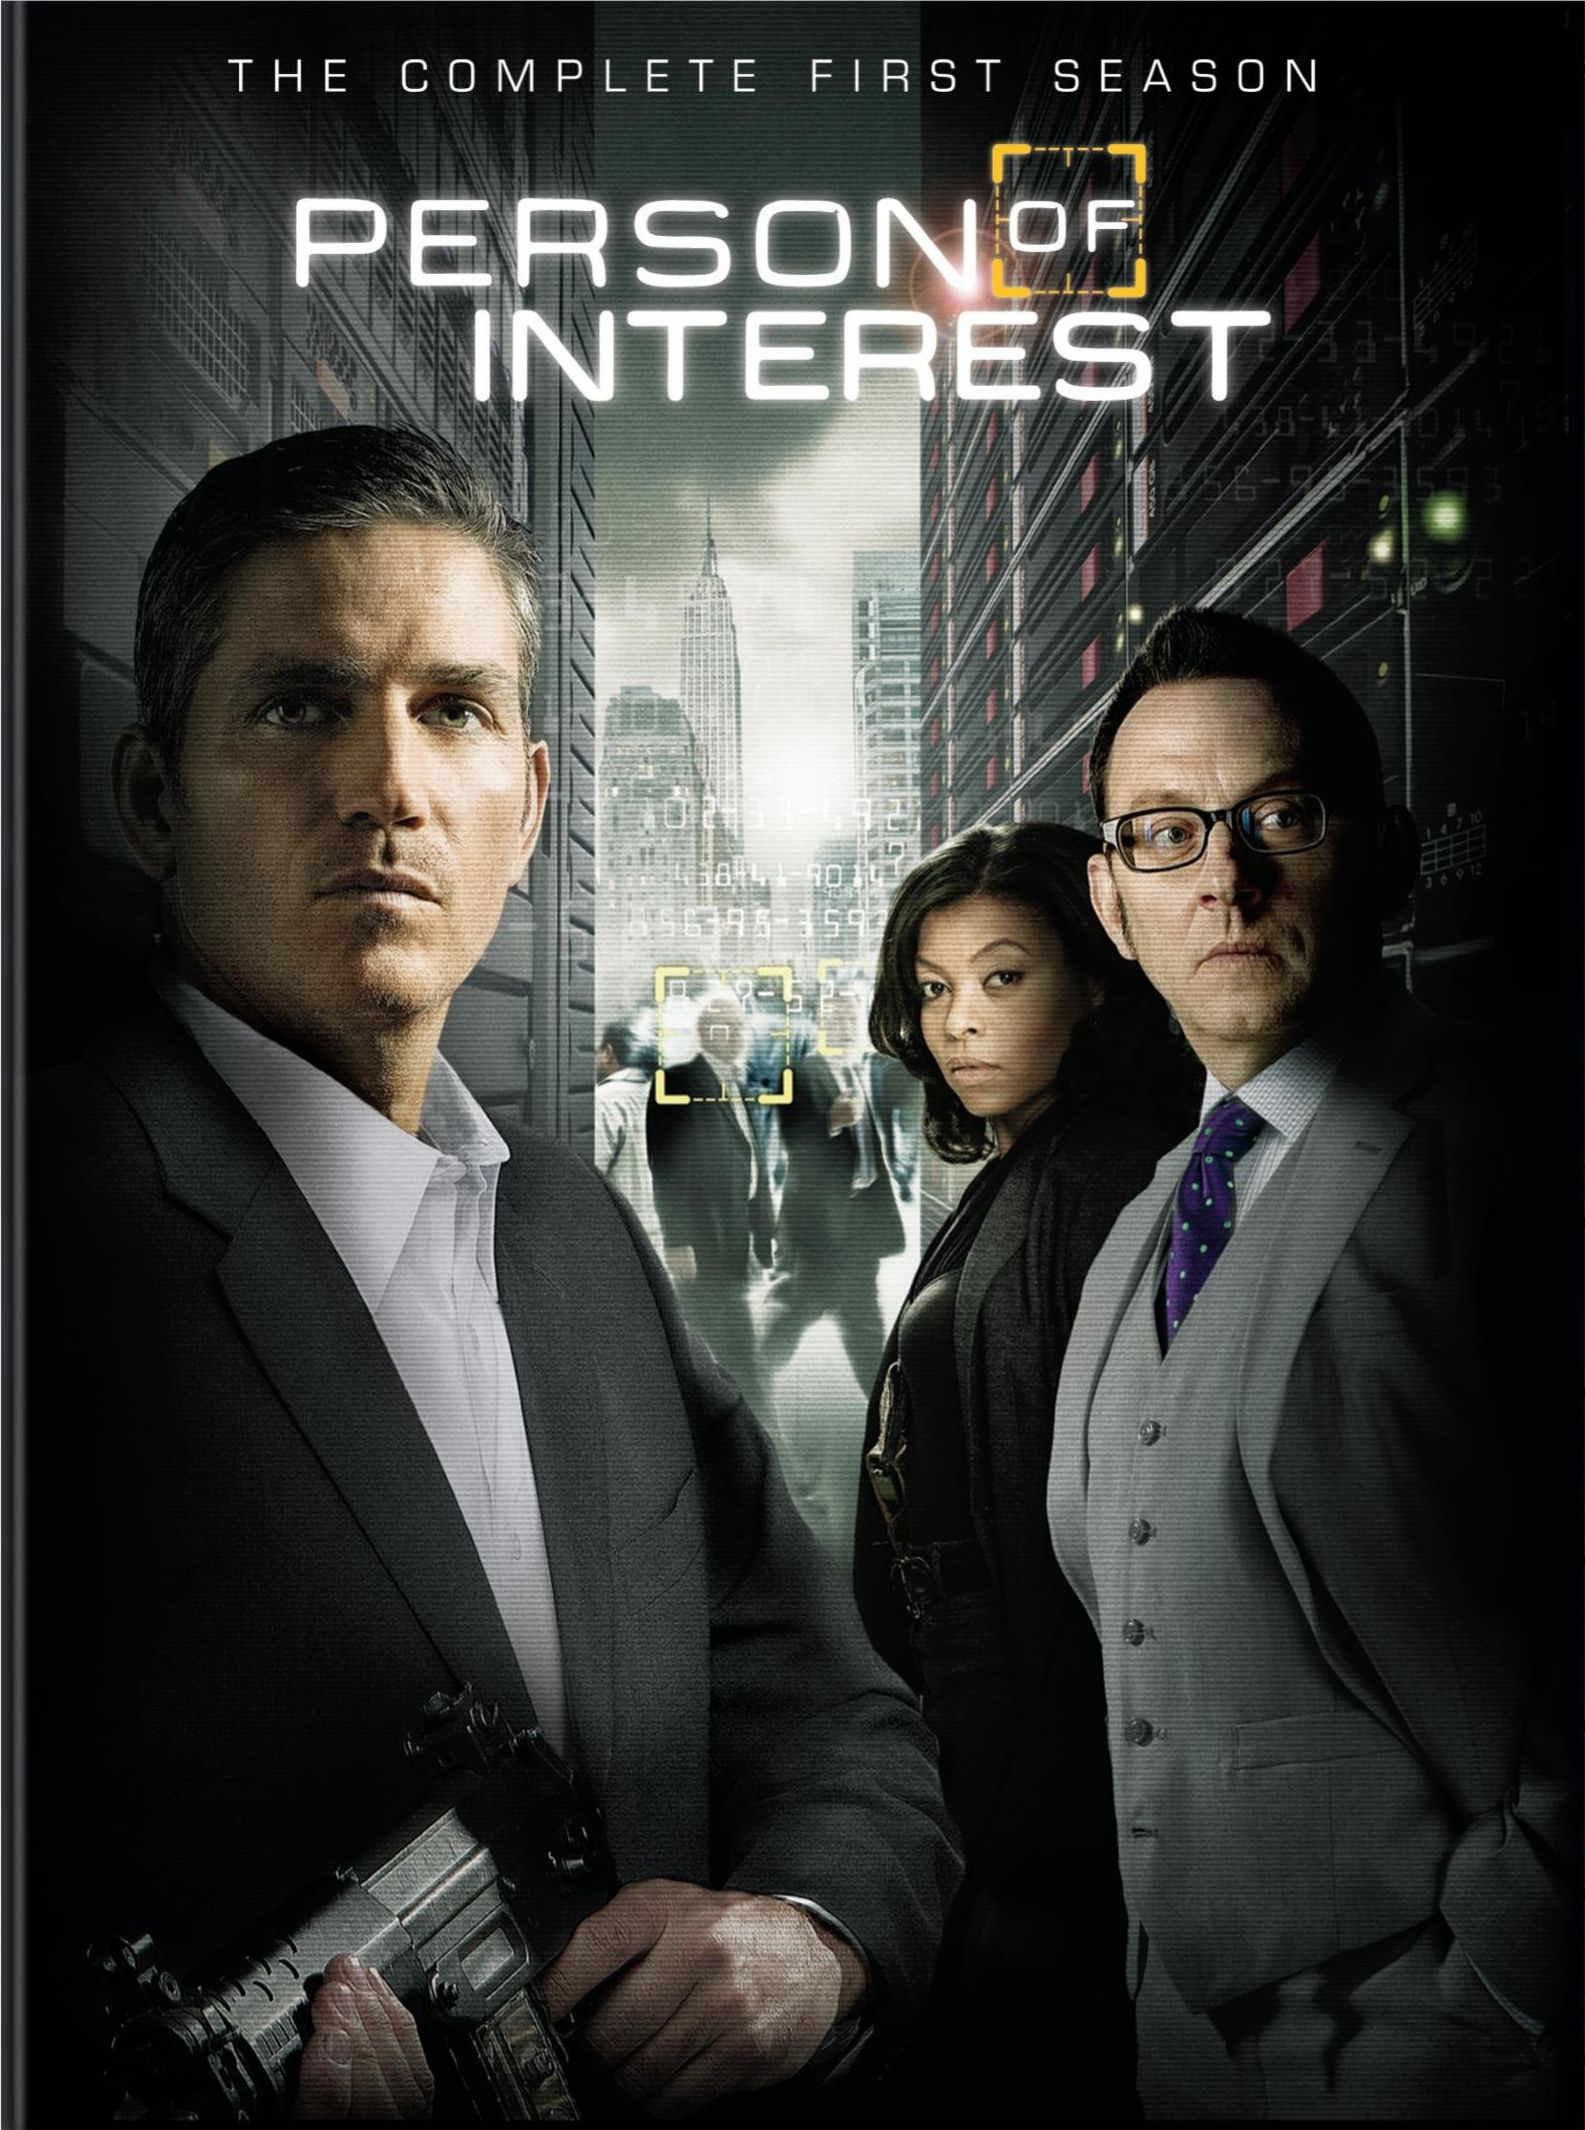 Person of Interest สุดยอดซีรี่ย์แนวแอคชั่น,สืบสวน